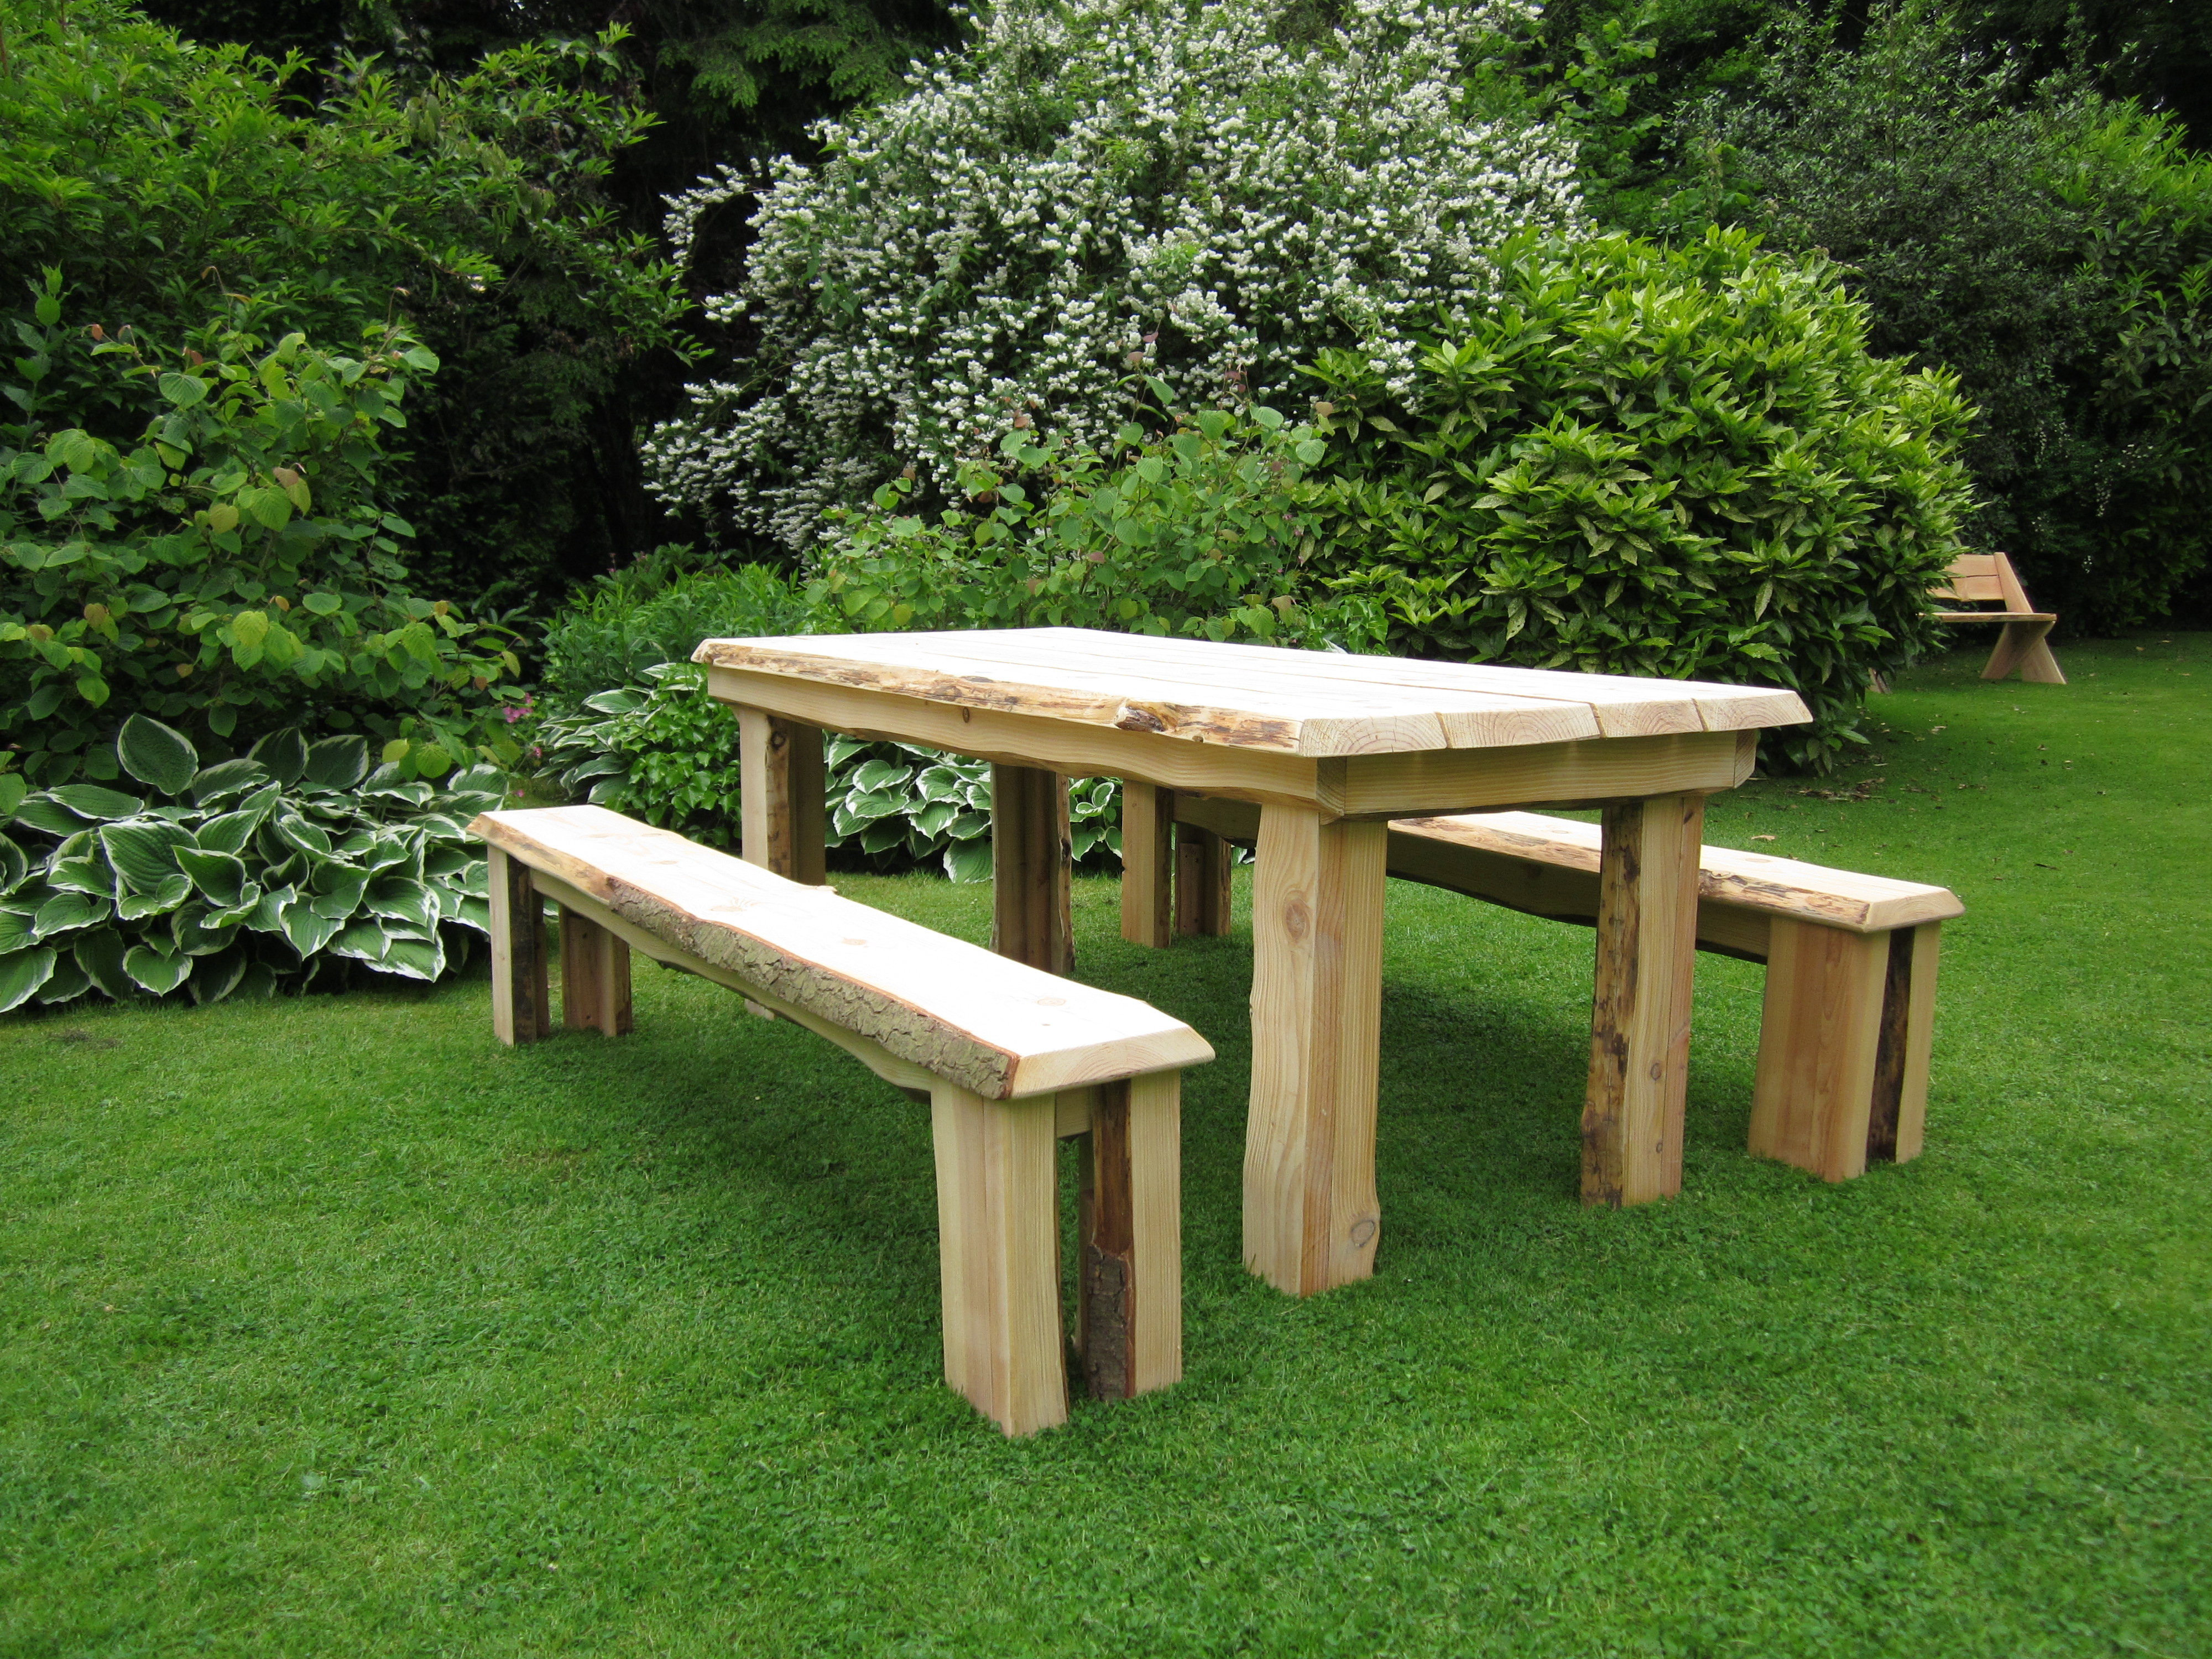 #7A9A3123638360 Houten Design Tuintafel Van de bovenste plank Design Tuinmeubelen Hout 2893 beeld 400030002893 Inspiratie